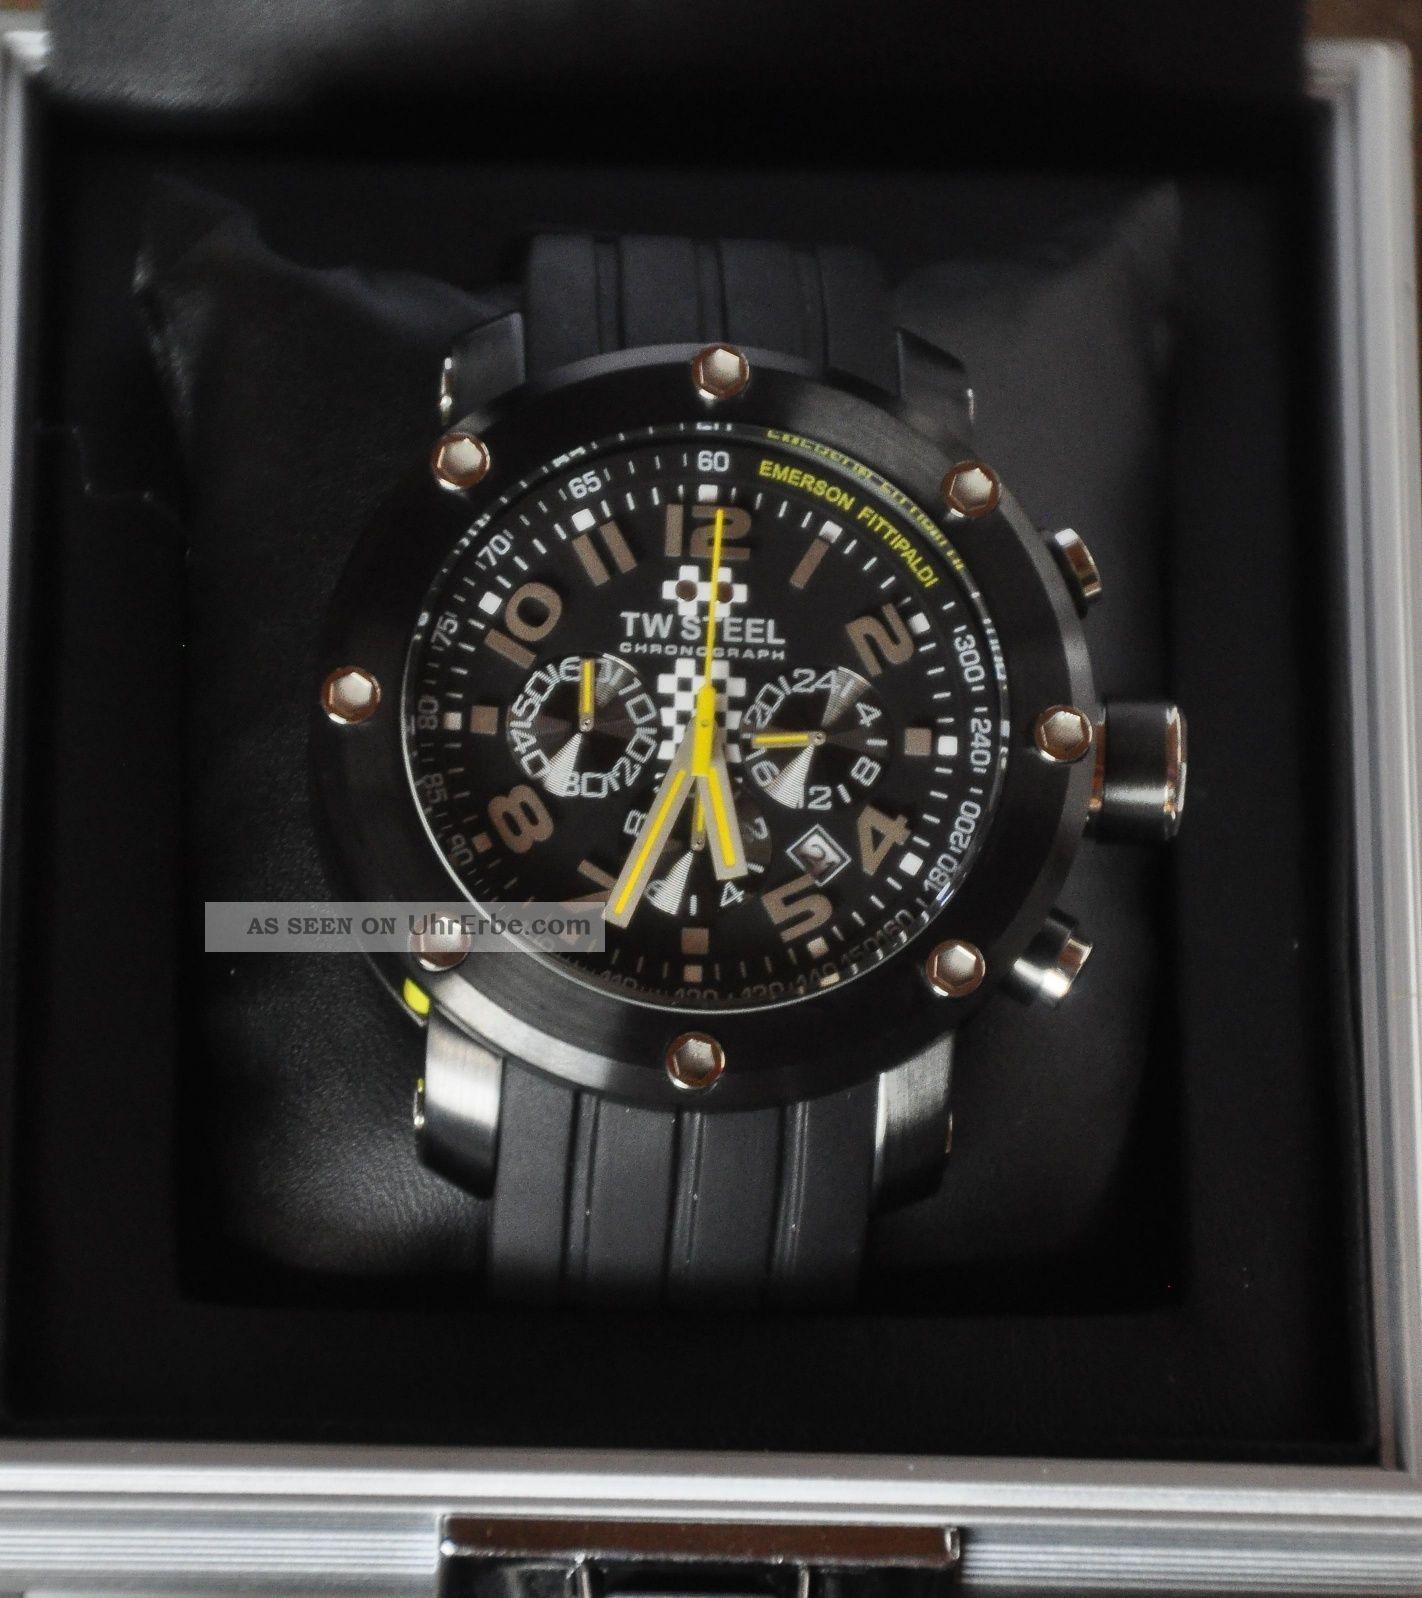 Neujahrs Schnäppchen Limited Edition Tw Steel Tw - 609 Emerson Fittipaldi Armbanduhren Bild